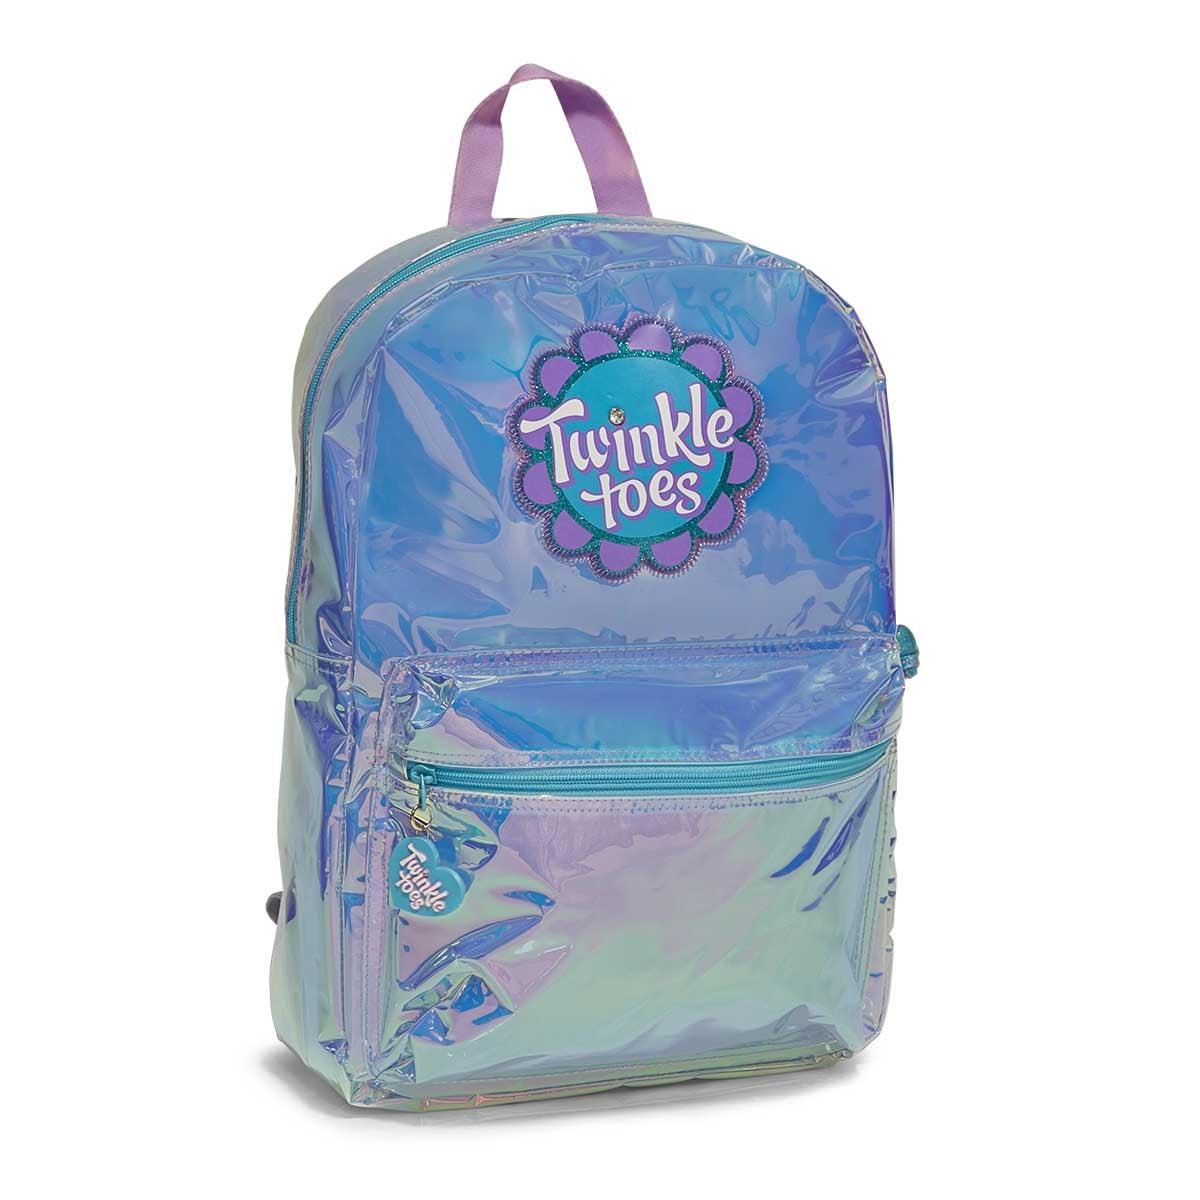 Grls Twinkle Toes Glo turq/aqua backpack